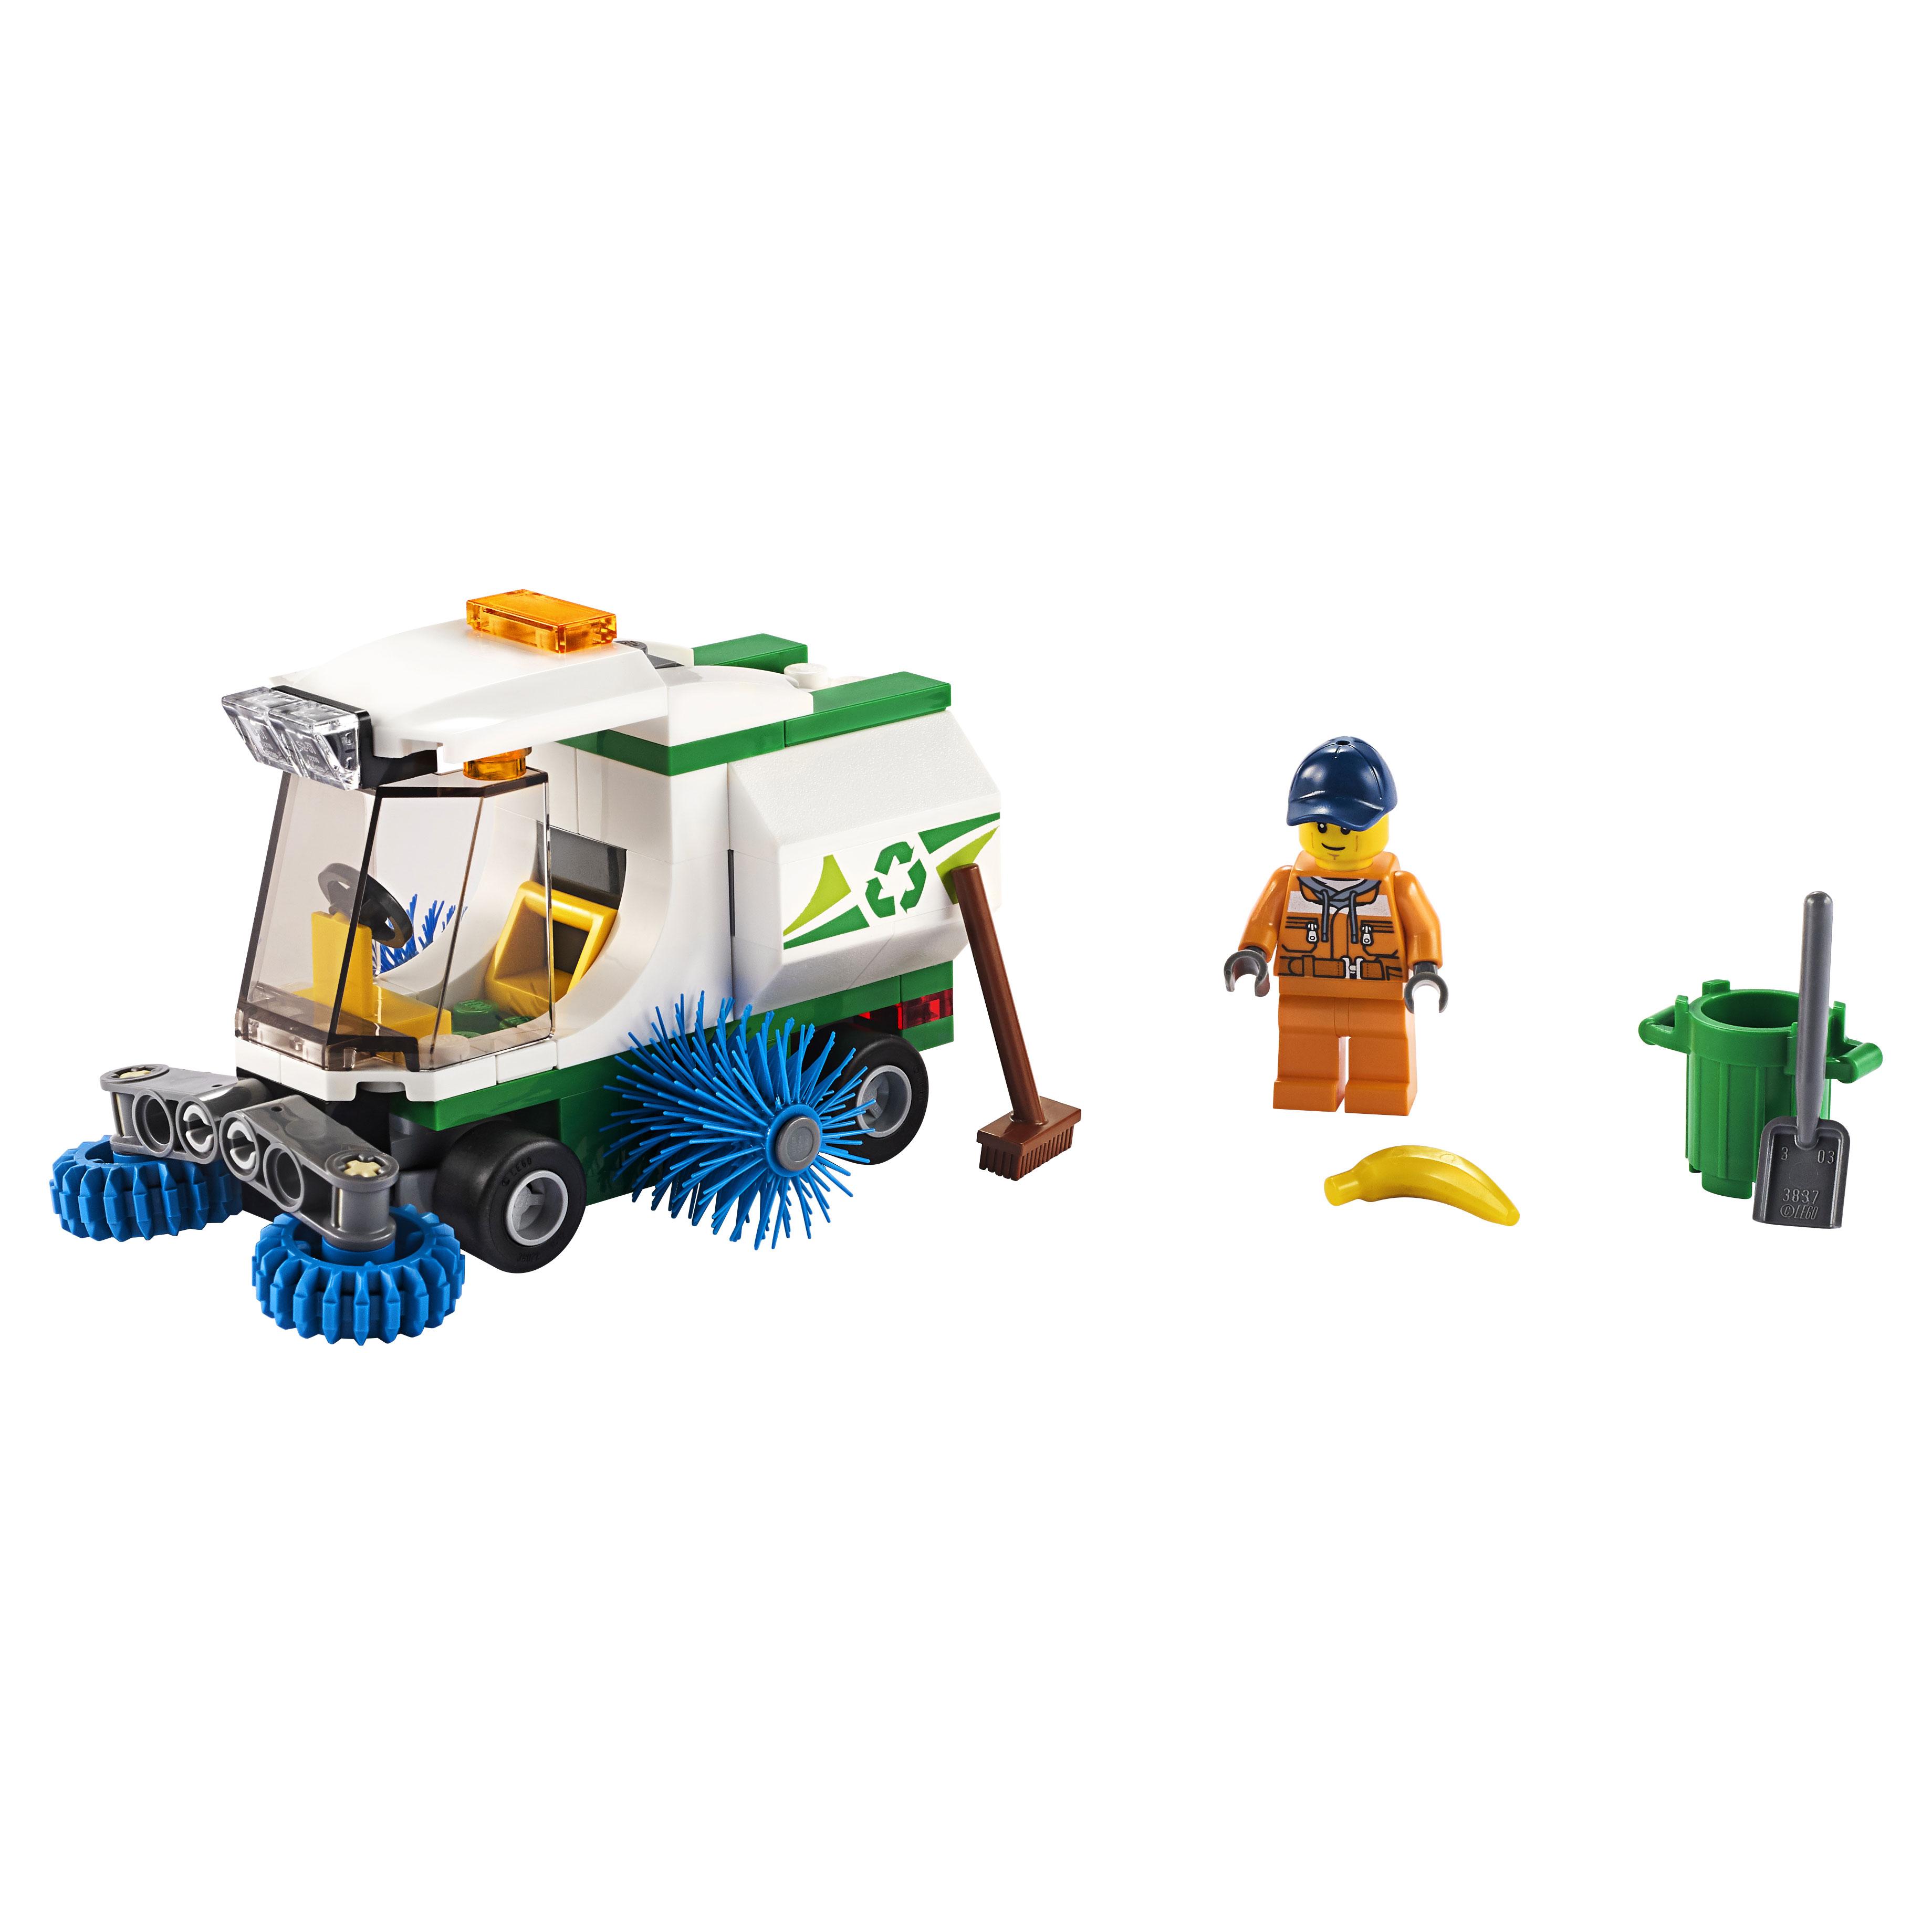 Купить Конструктор LEGO City Great Vehicles 60249 Машина для очистки улиц